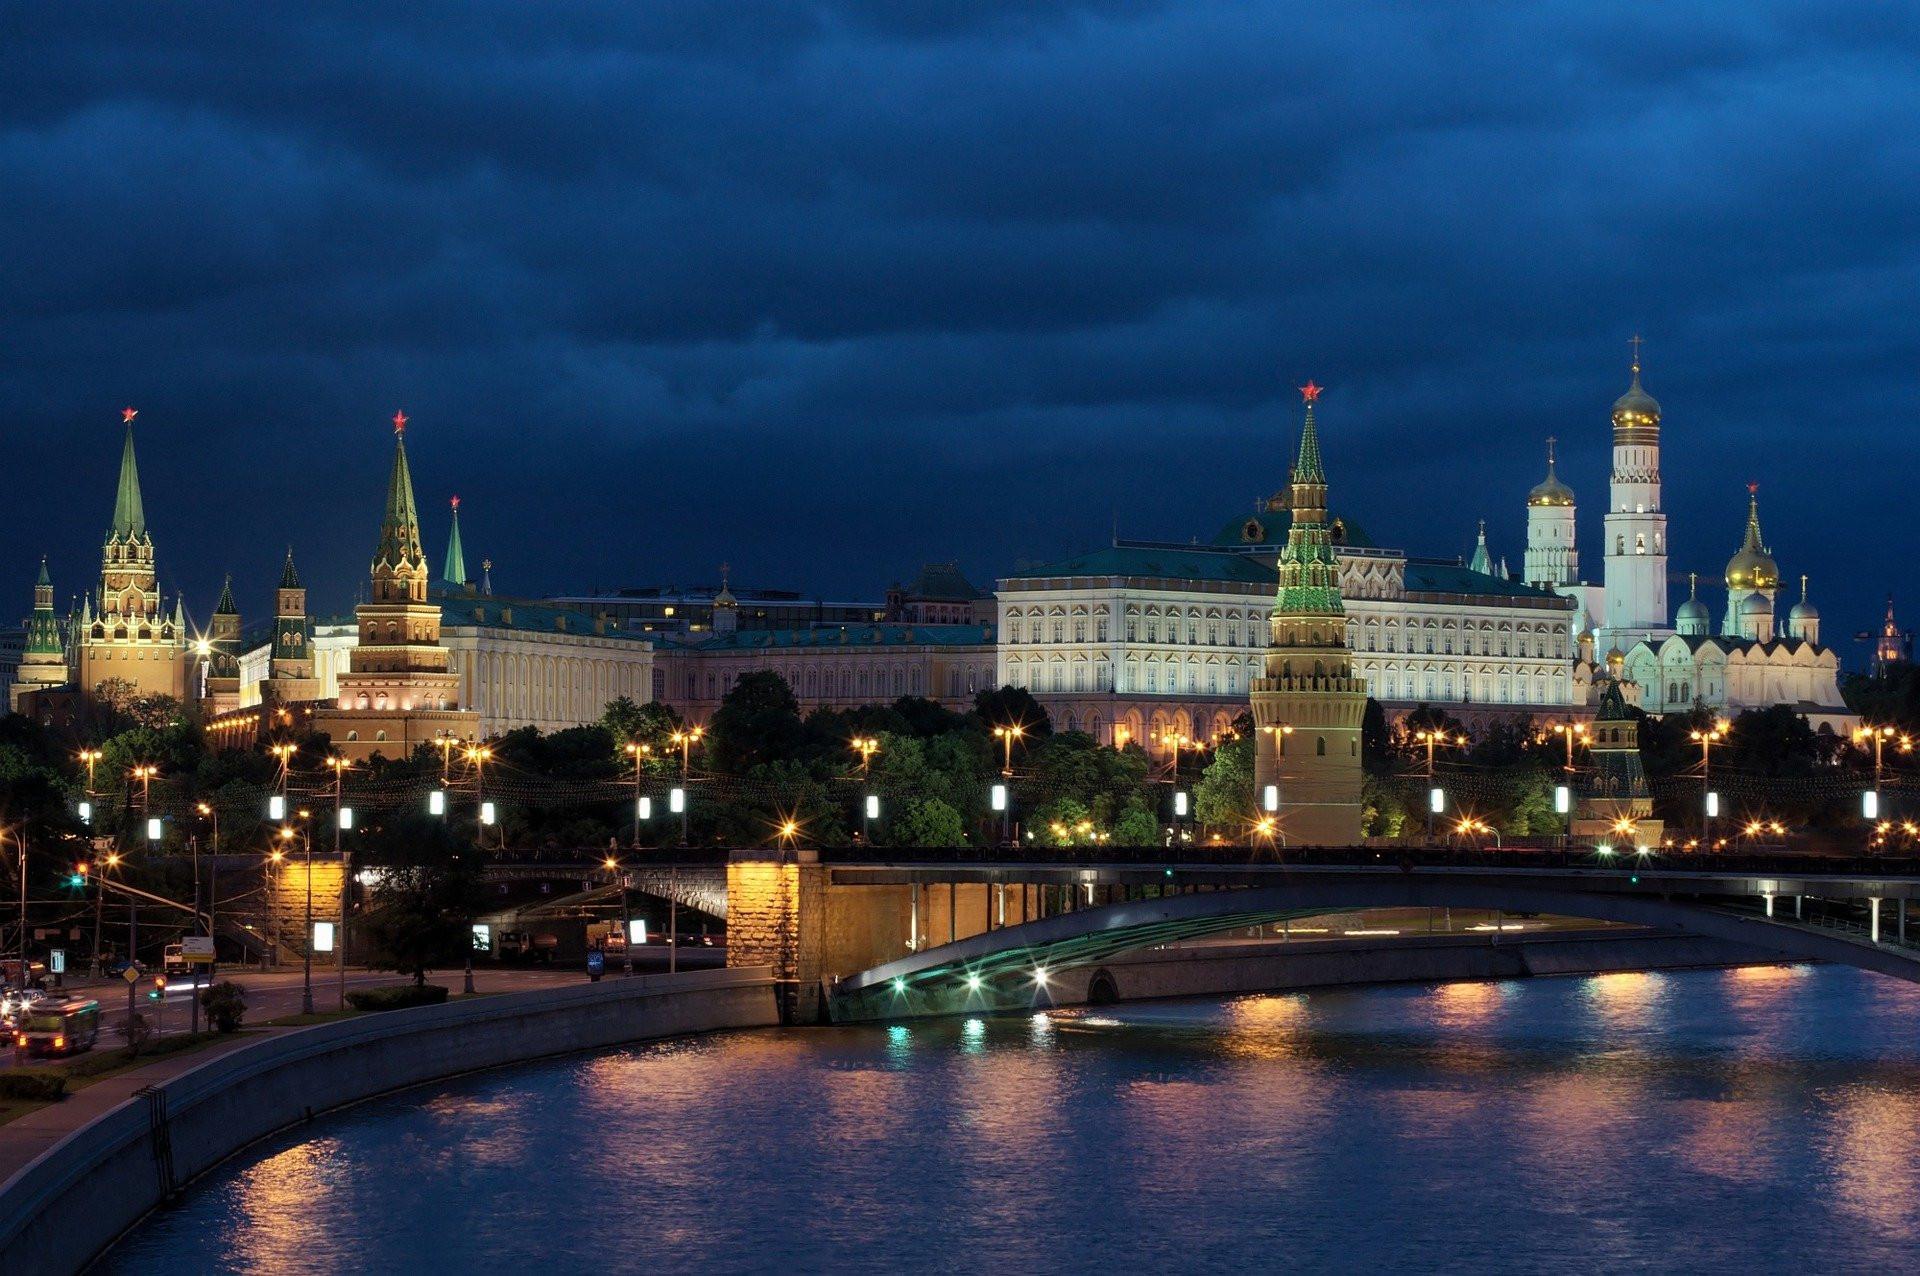 России пророчат смену элит и новую классовую революцию